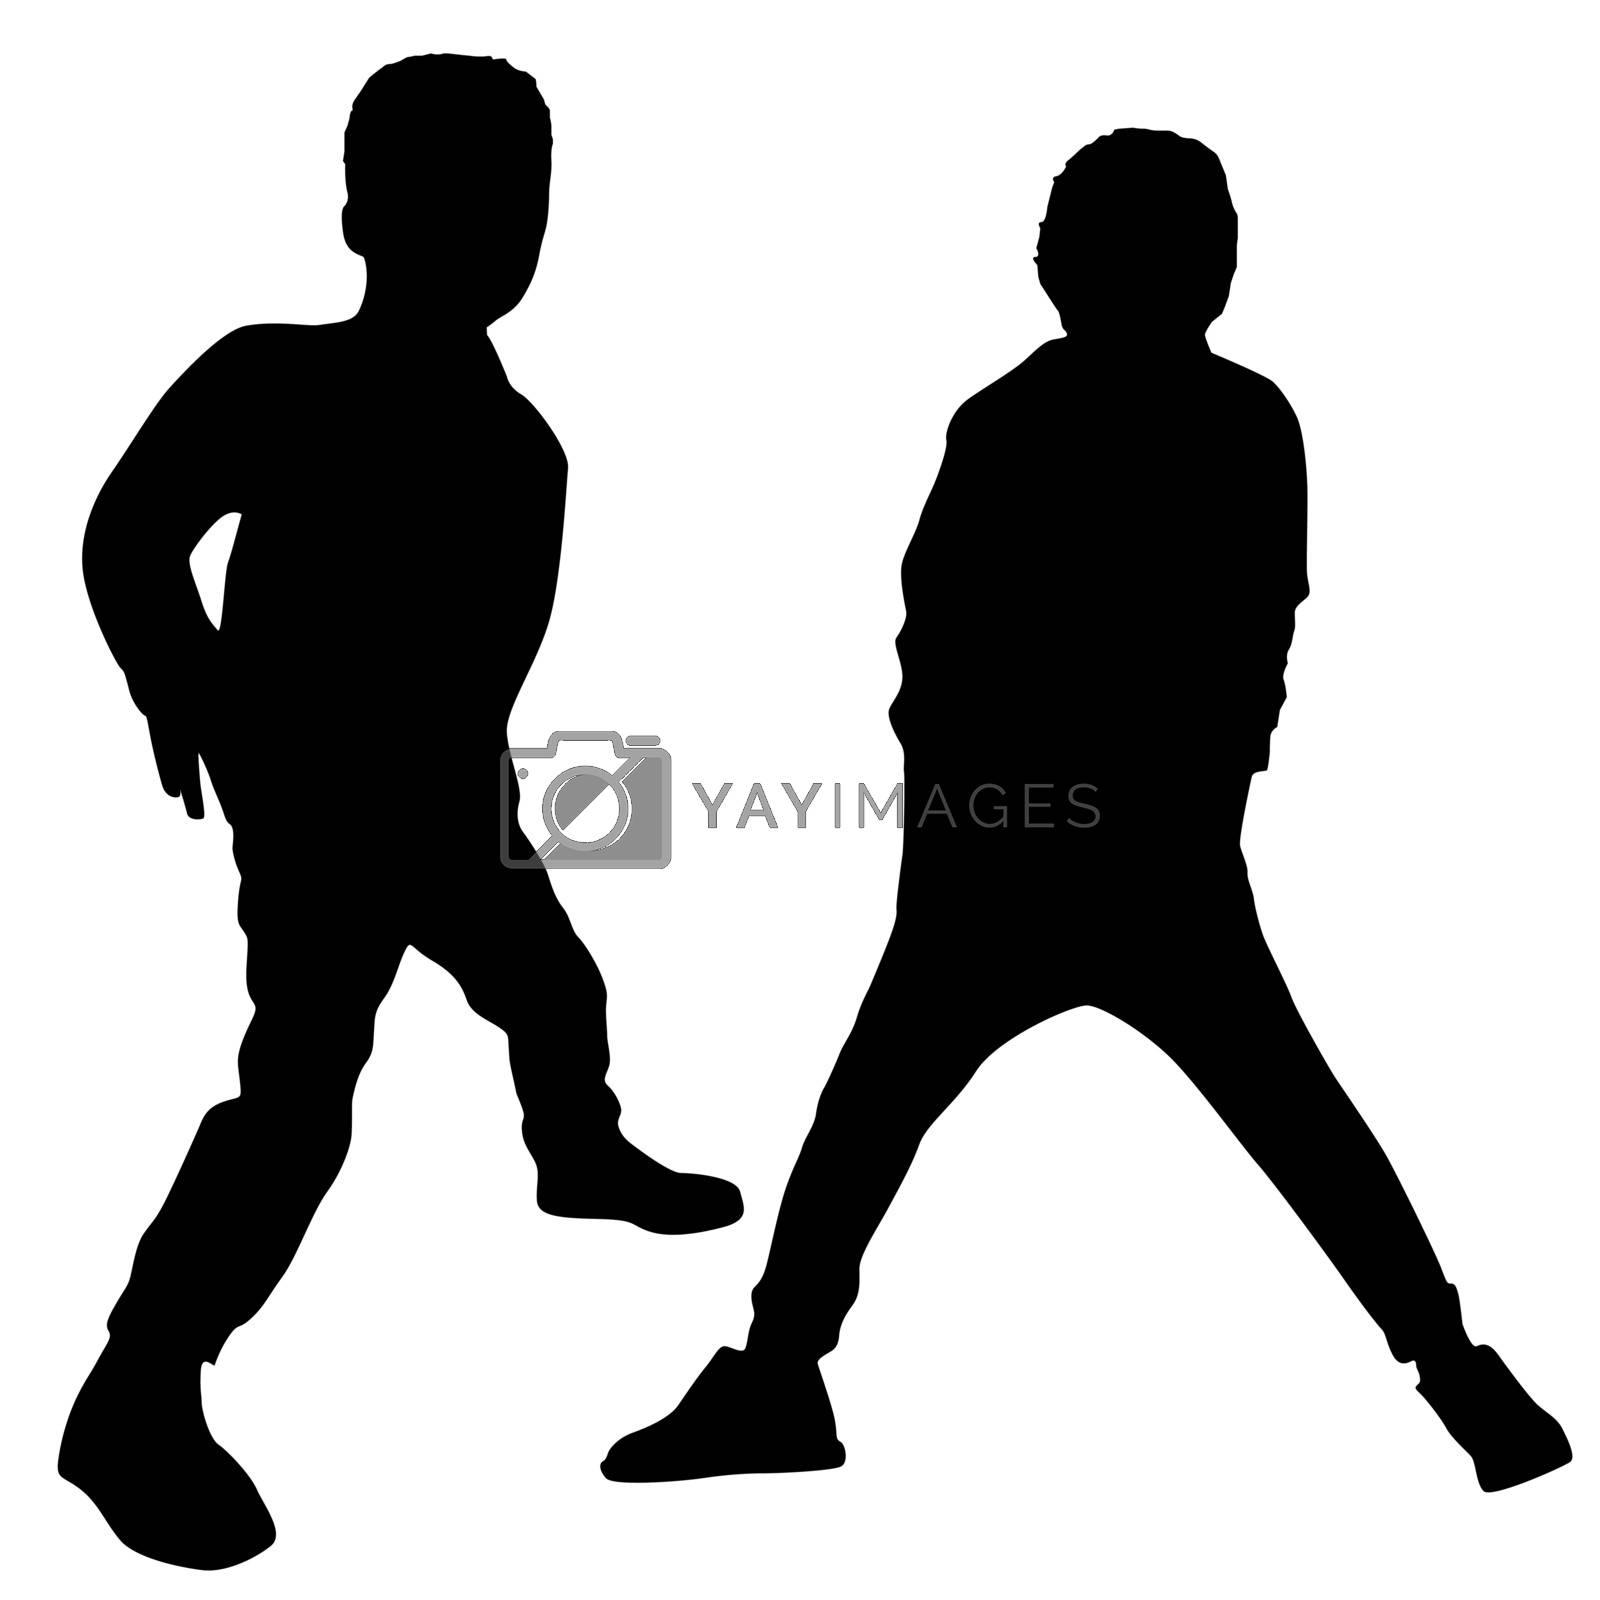 Fashion boys by sattva